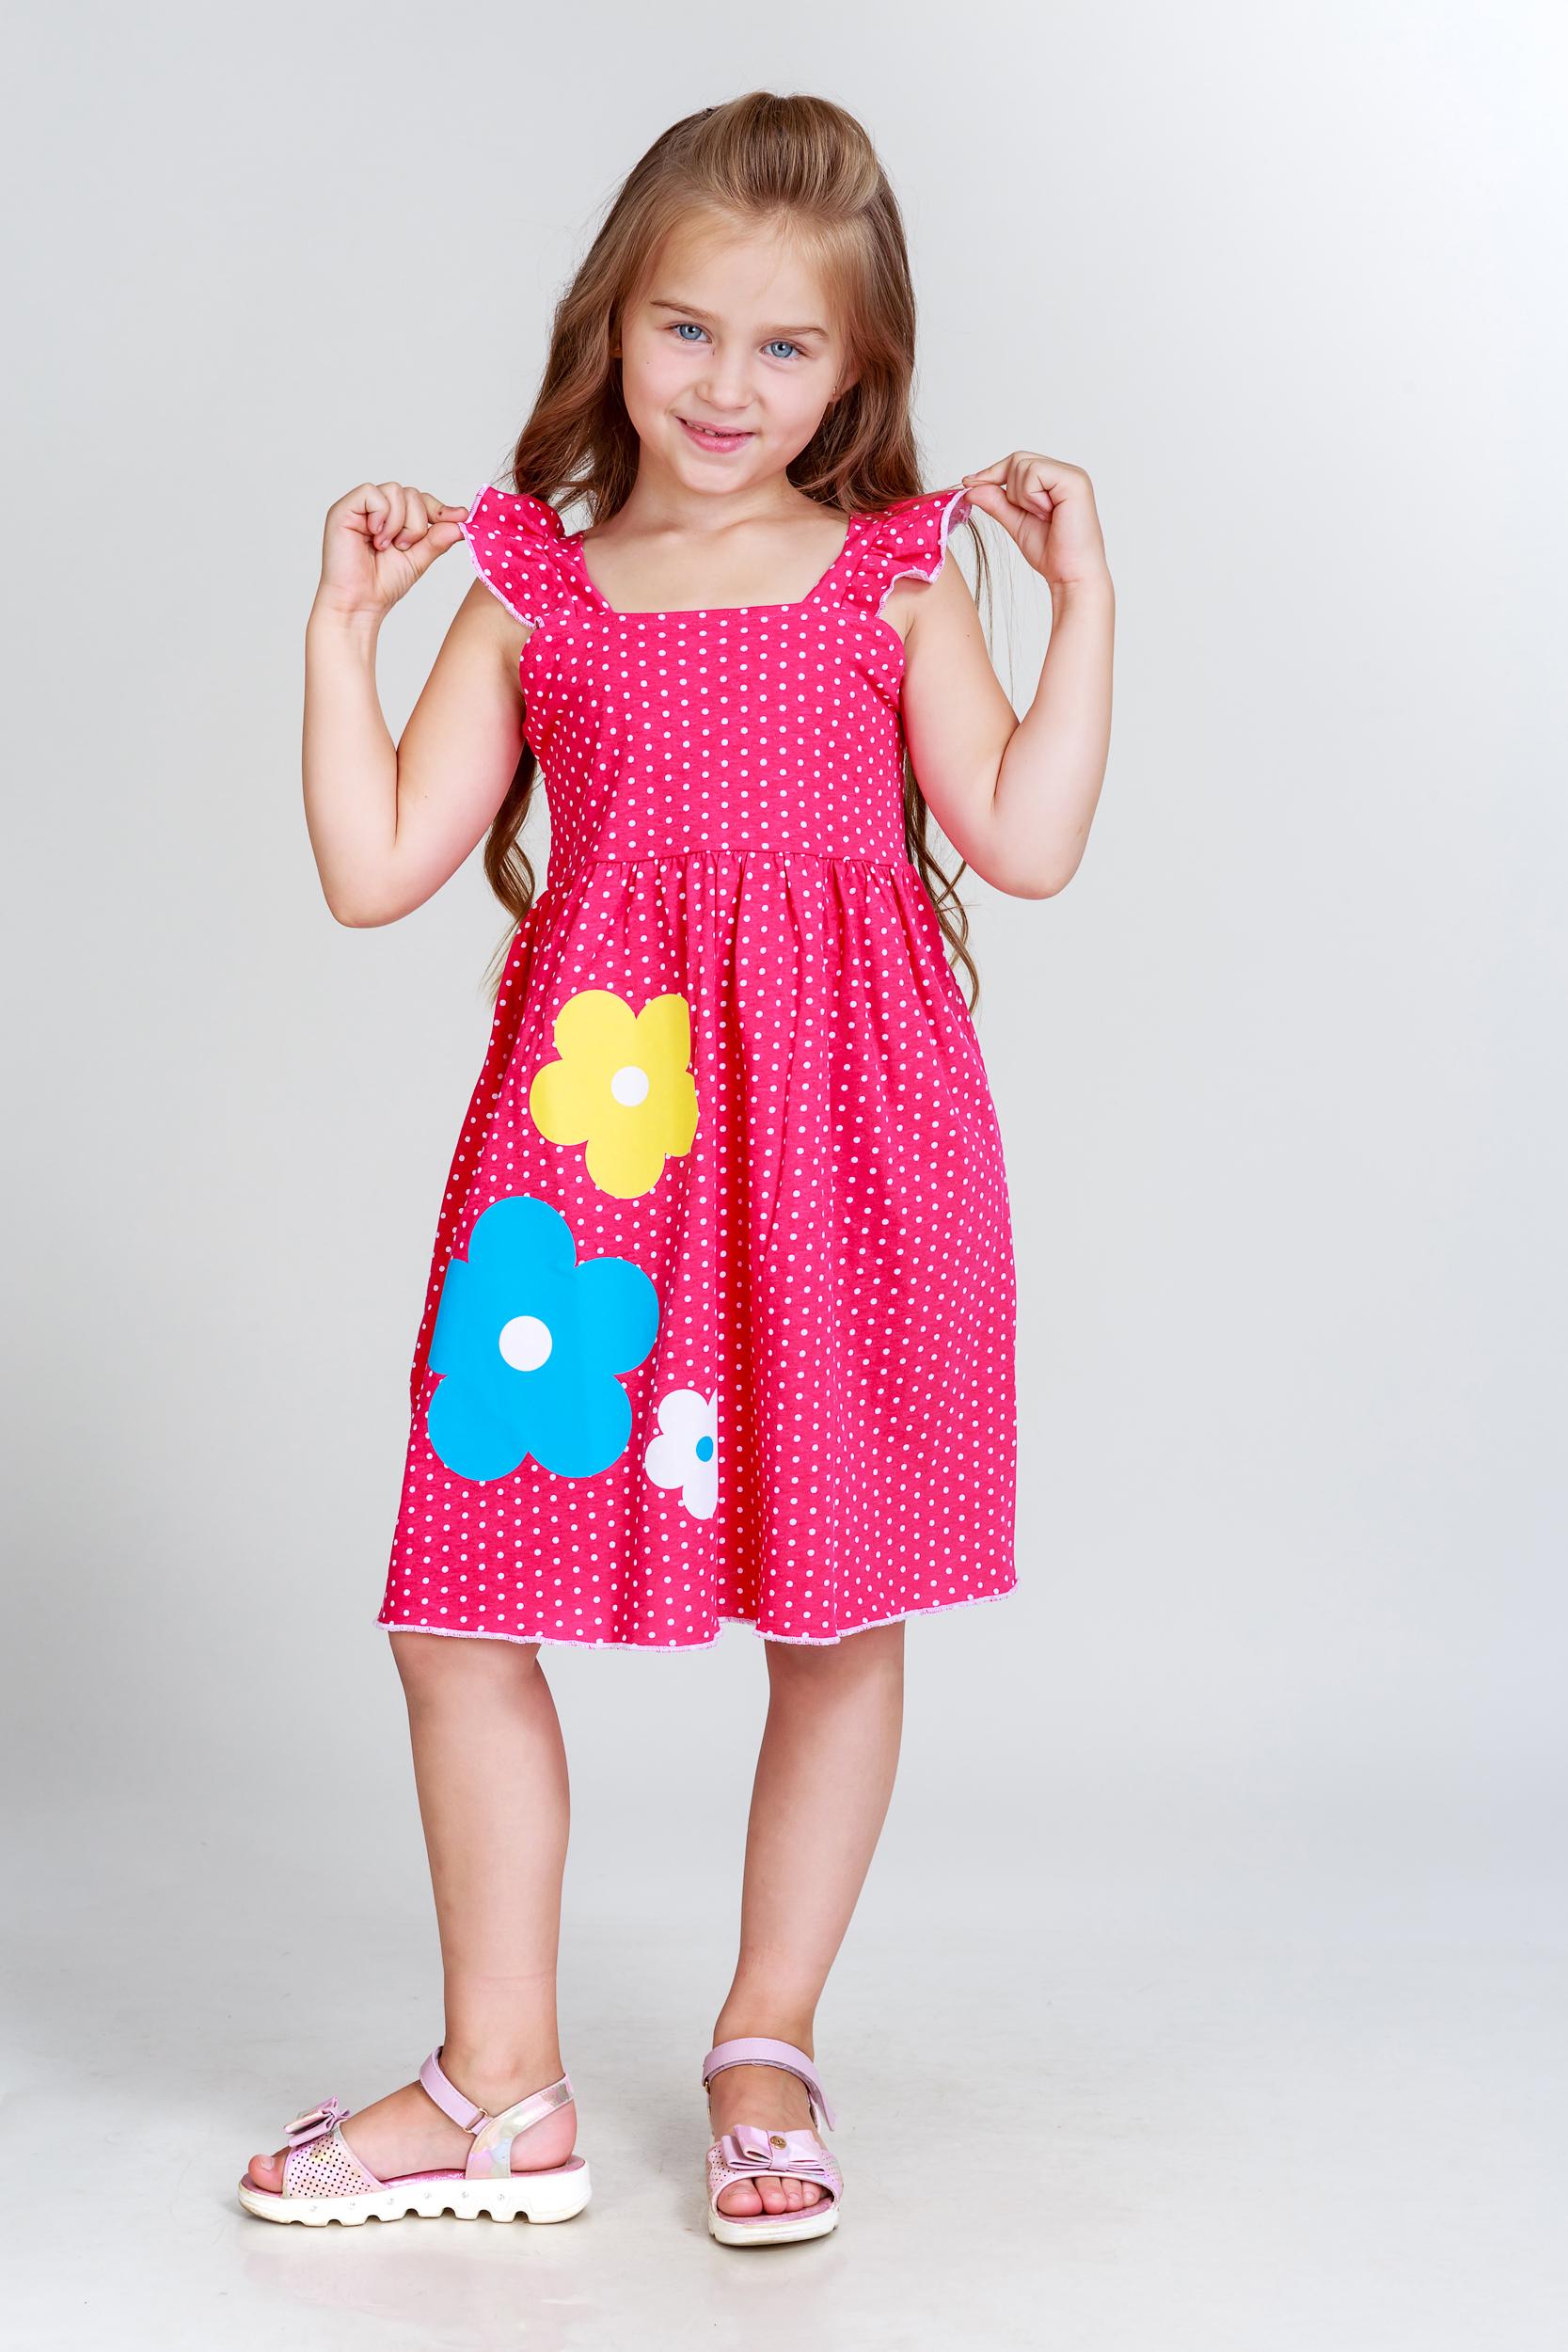 Детские туники, сарафаны Pastilla Платье Летнее Цвет: Малиновый (6-7 лет) купить часы мальчику 7 лет